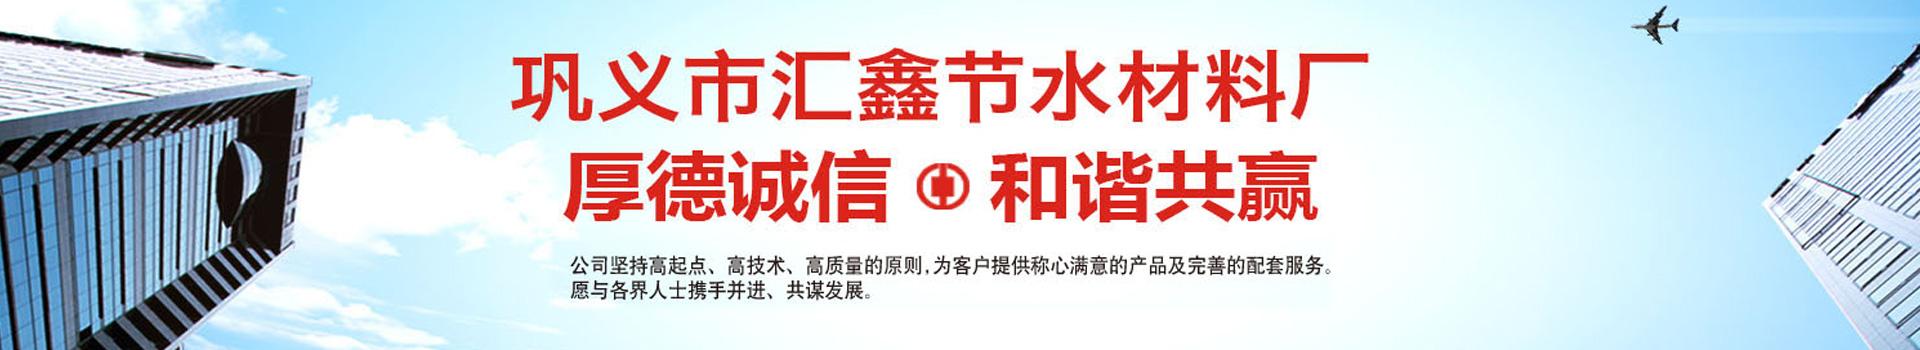 巩义市汇鑫节水材料厂